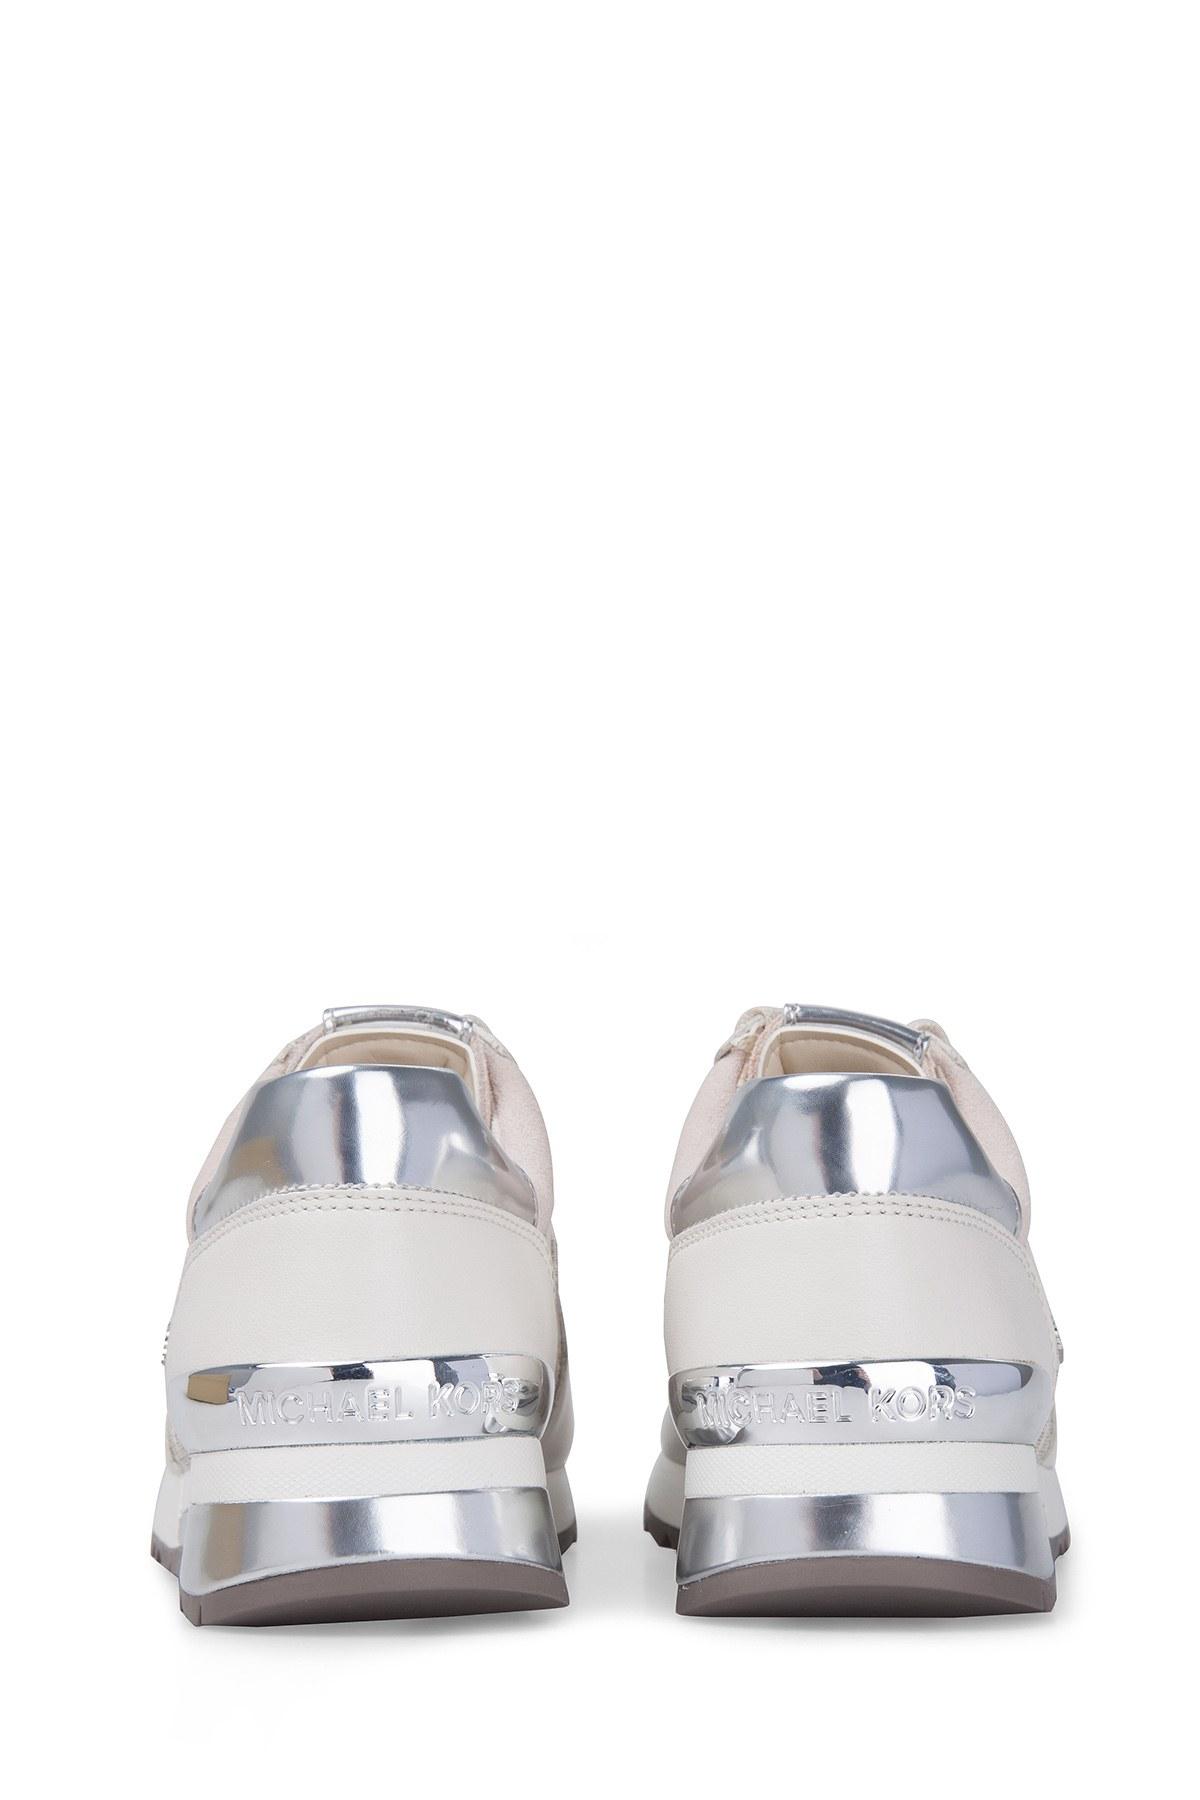 Michael Kors Kadın Ayakkabı 43R6ALFP2B 150 VANİLYA